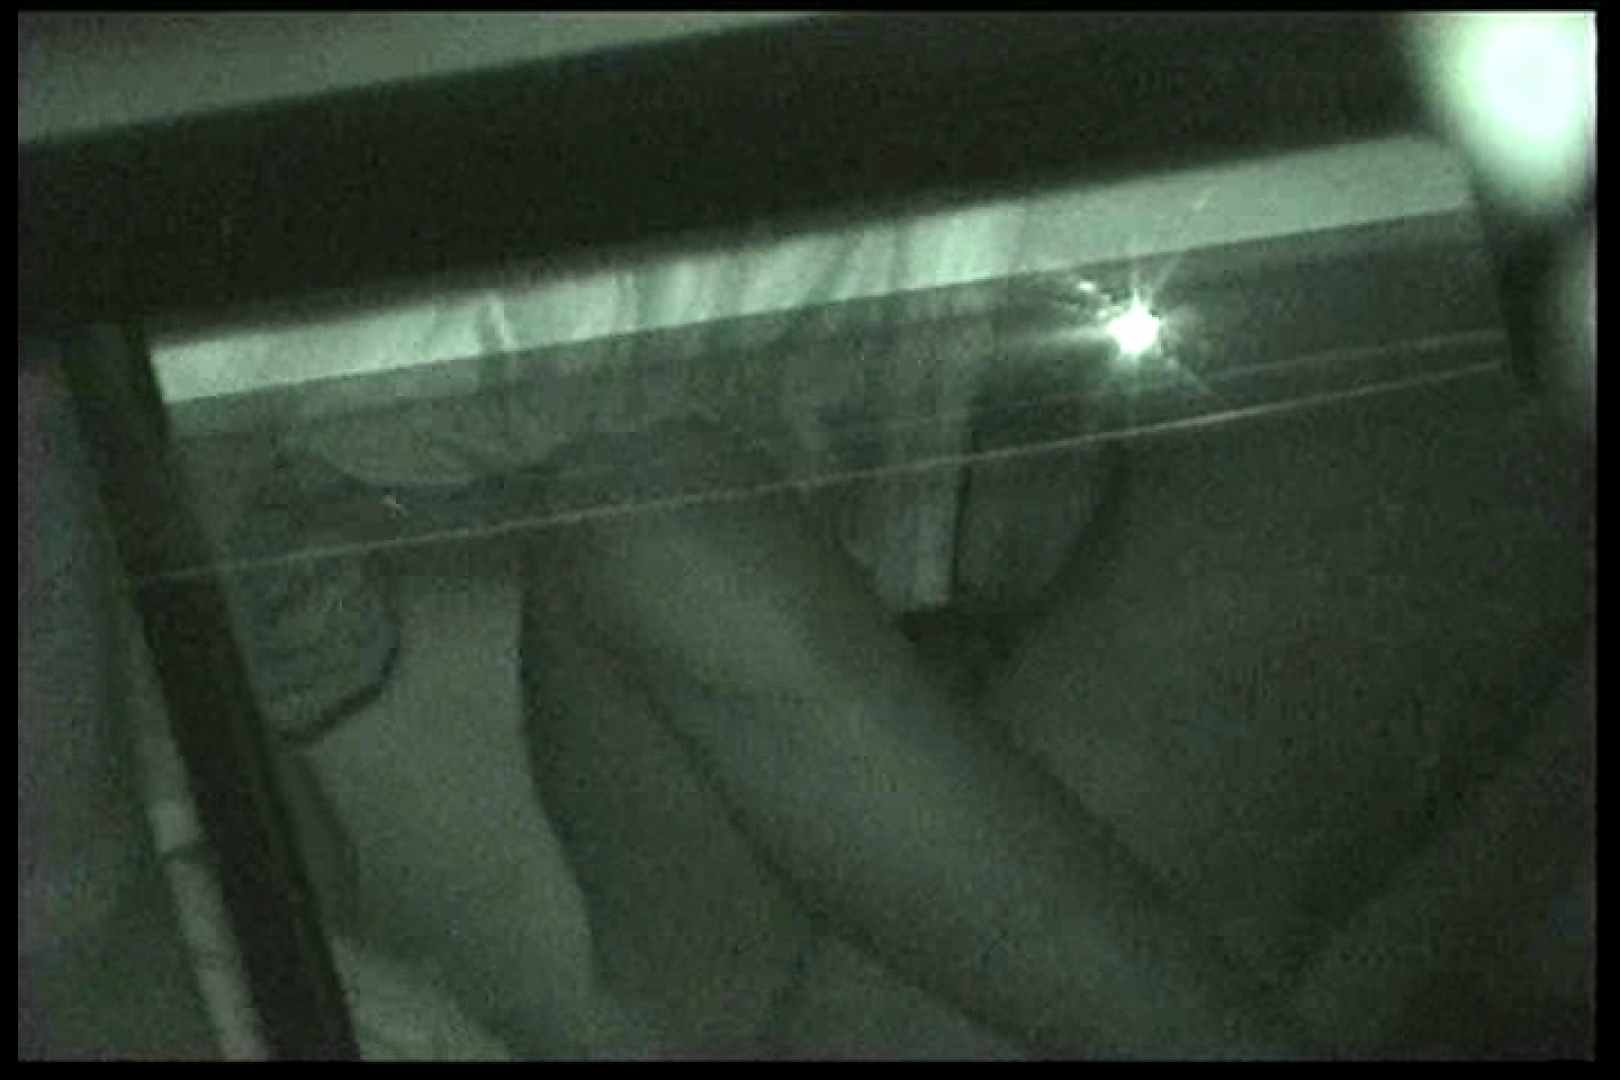 車の中はラブホテル 無修正版  Vol.13 エロティックなOL  64画像 21